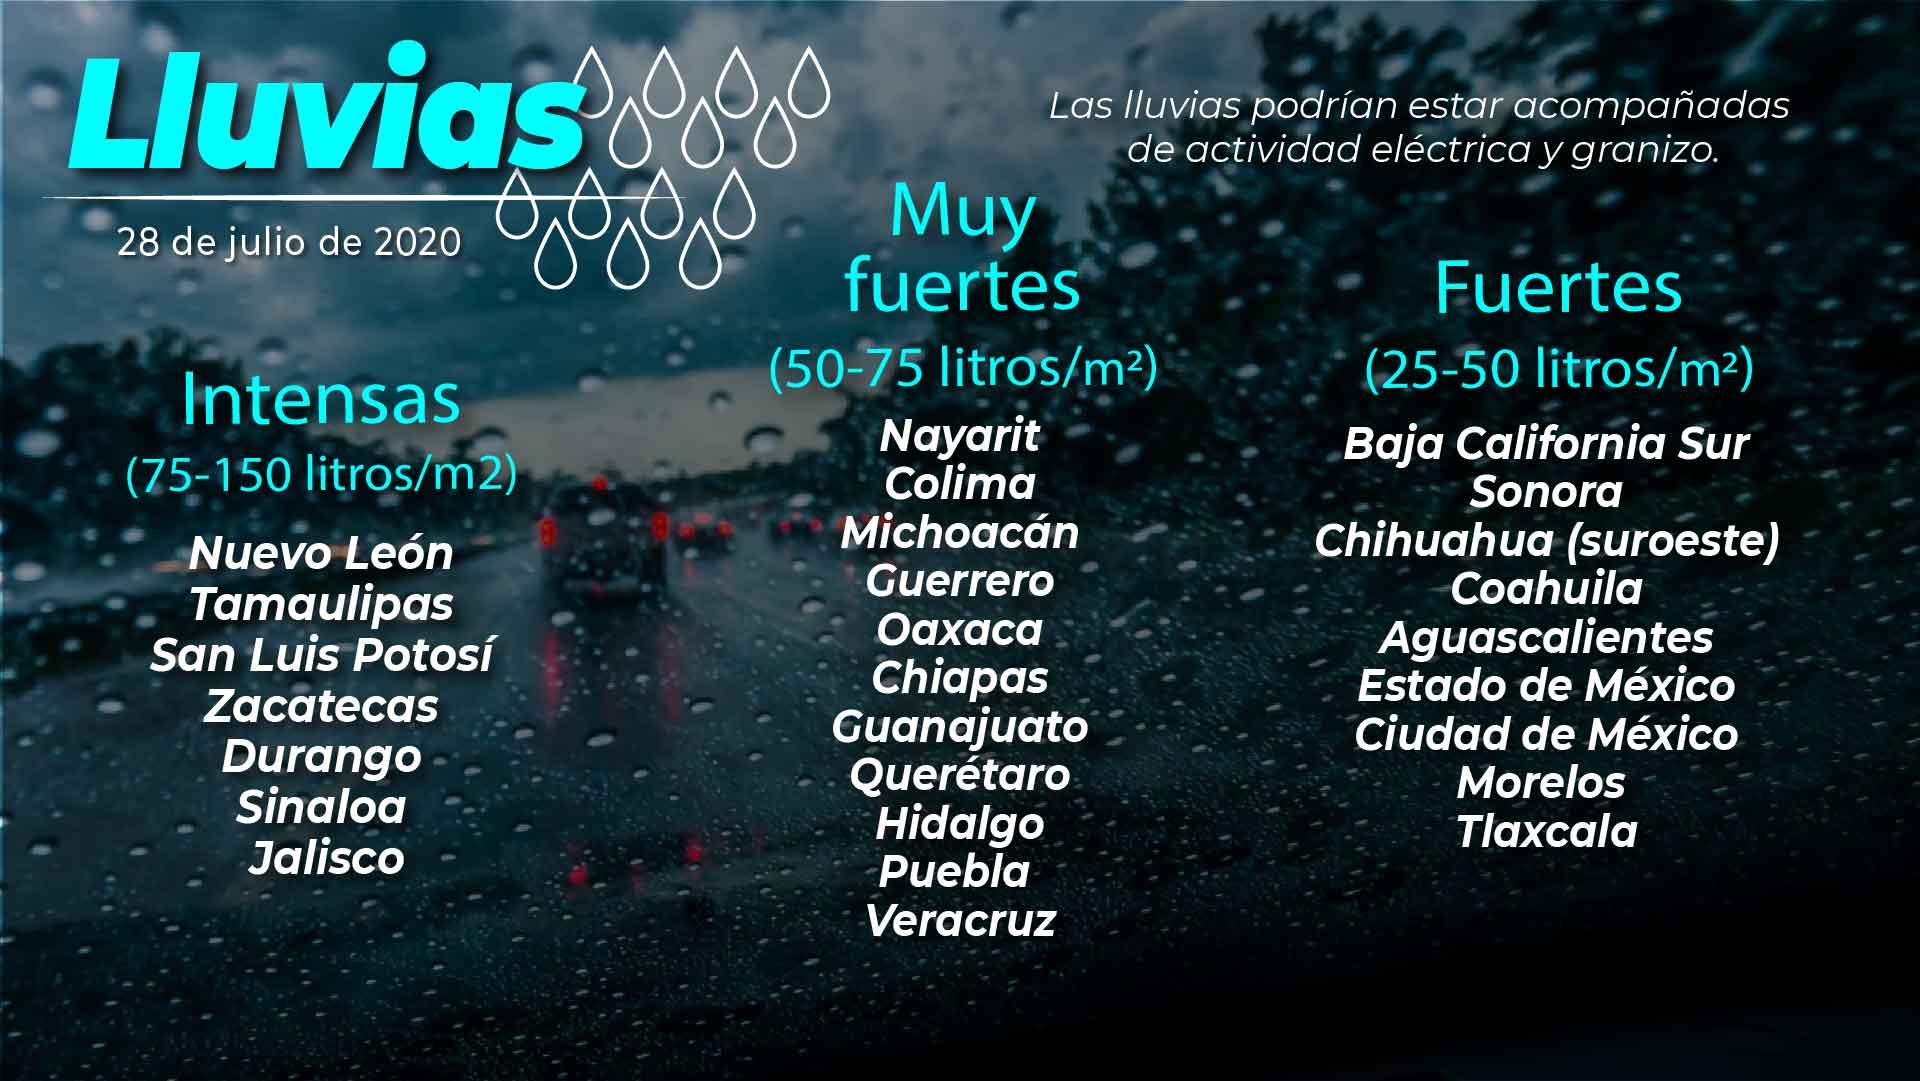 Se pronostican lluvias puntuales intensas para Durango, Jalisco, Nuevo León, San Luis Potosí, Sinaloa, Tamaulipas y Zacatecas